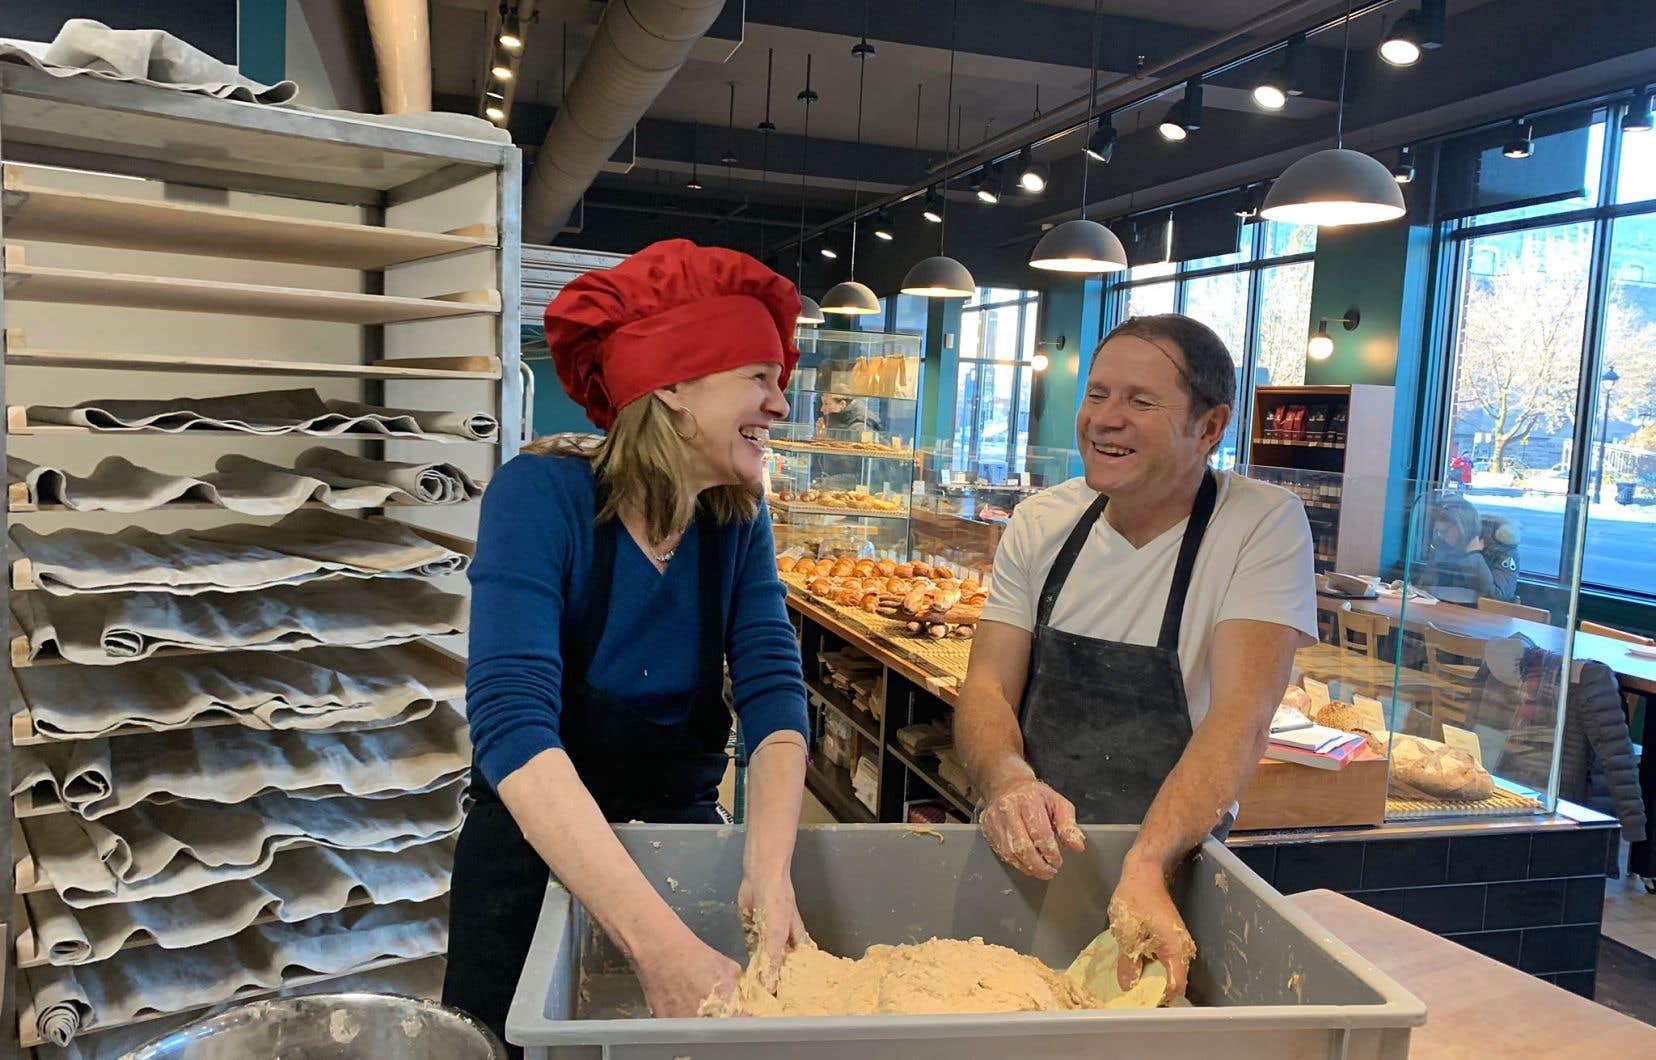 Joblo et le boulanger Dominique Gauvrit, de la boulangerie Jarry, créent des liens, les deux mains dans le pétrin. Le pain n'est jamais que du pain...